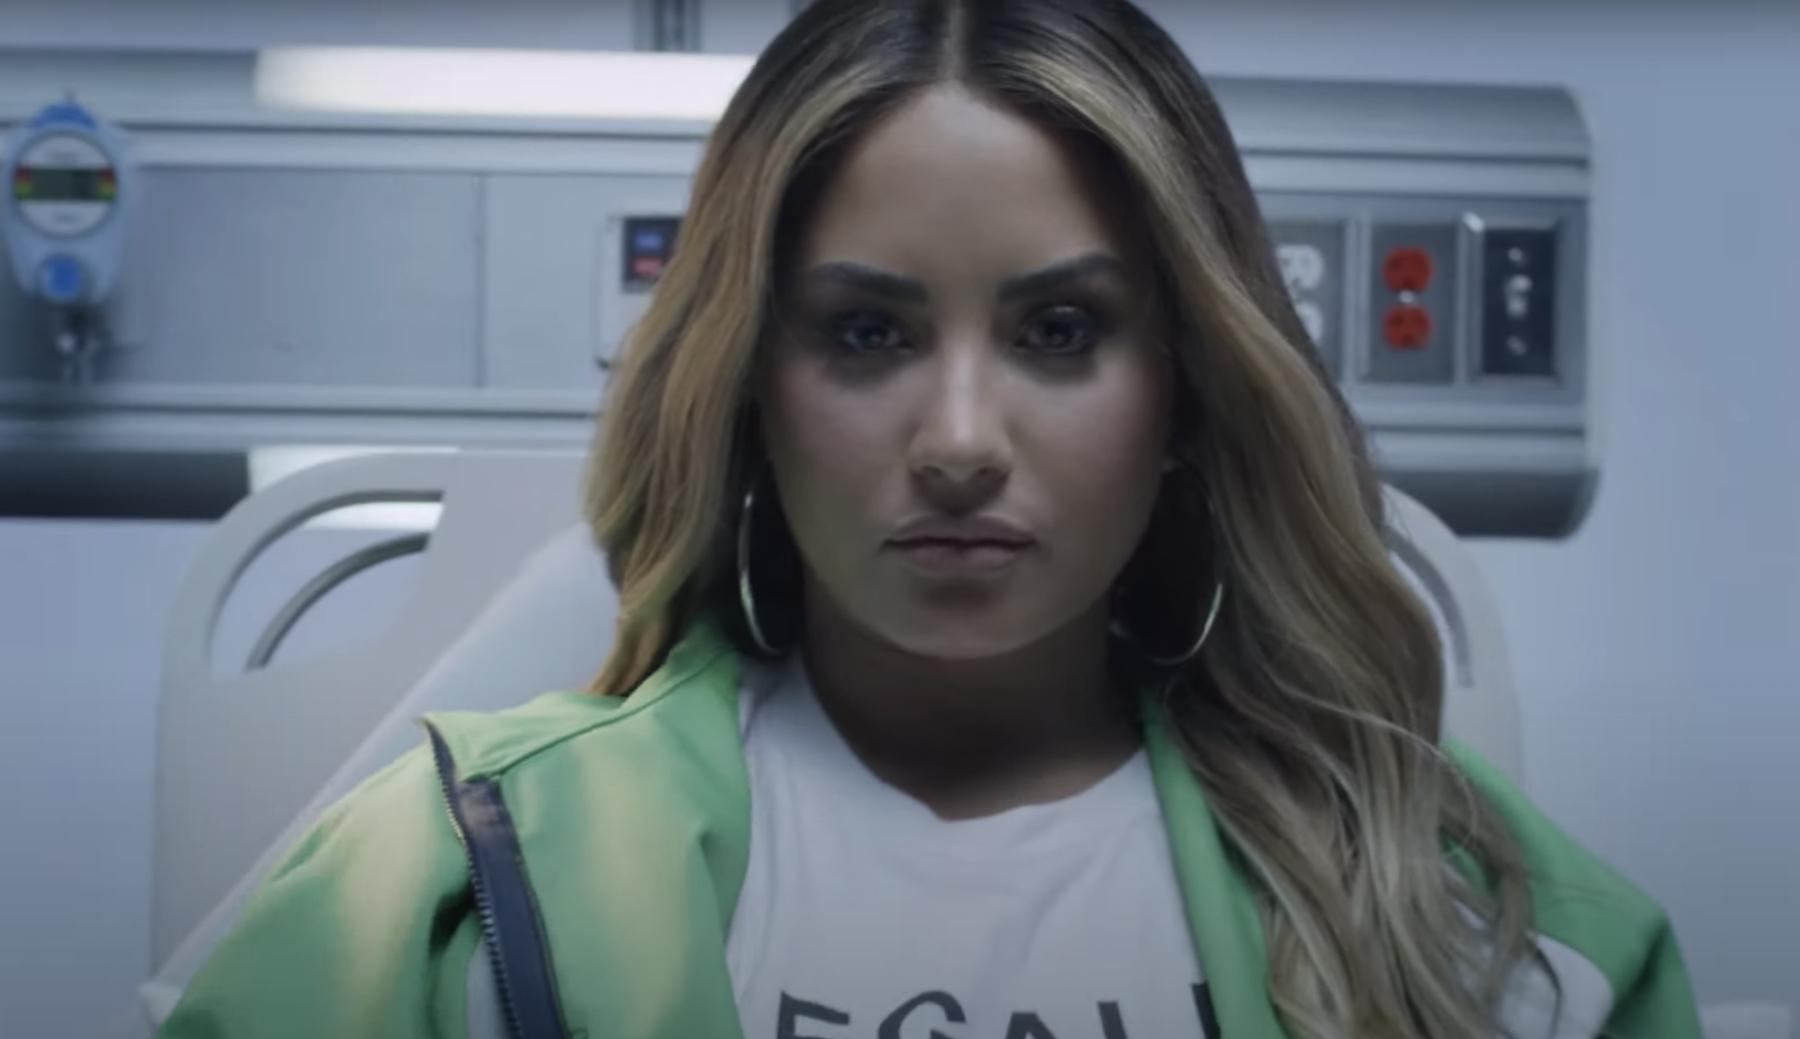 Demi Lovato Recreates Overdose Night in Haunting 'Dancing With the Devil' Video